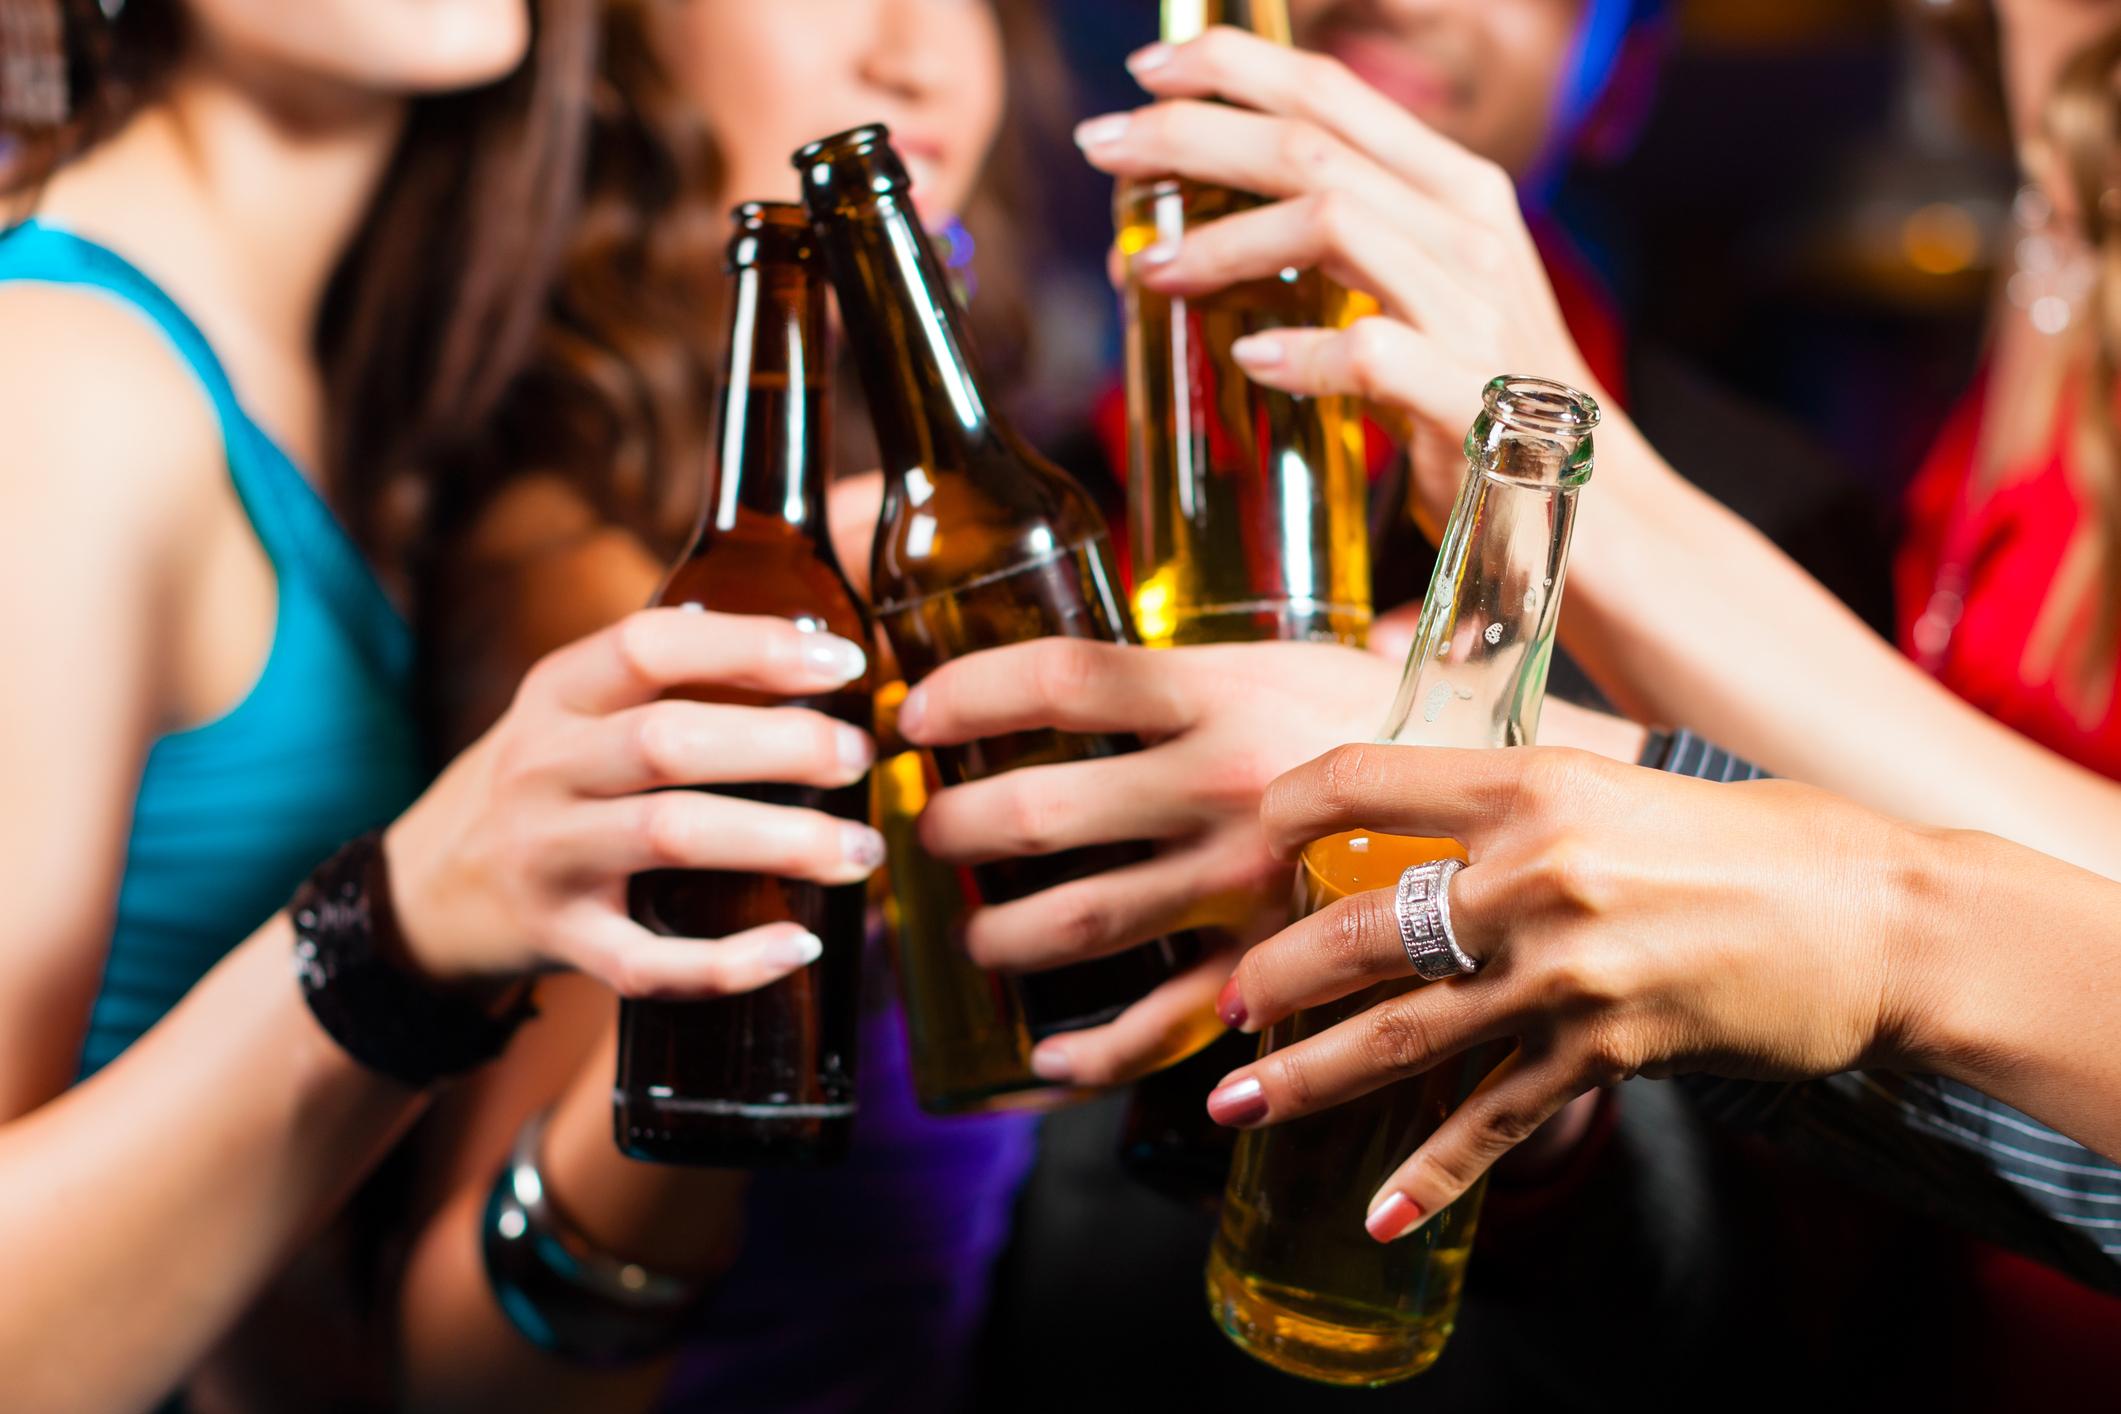 Brasileiras bebem mais e consomem muitos alimentos ultraprocessados, aponta IBGE